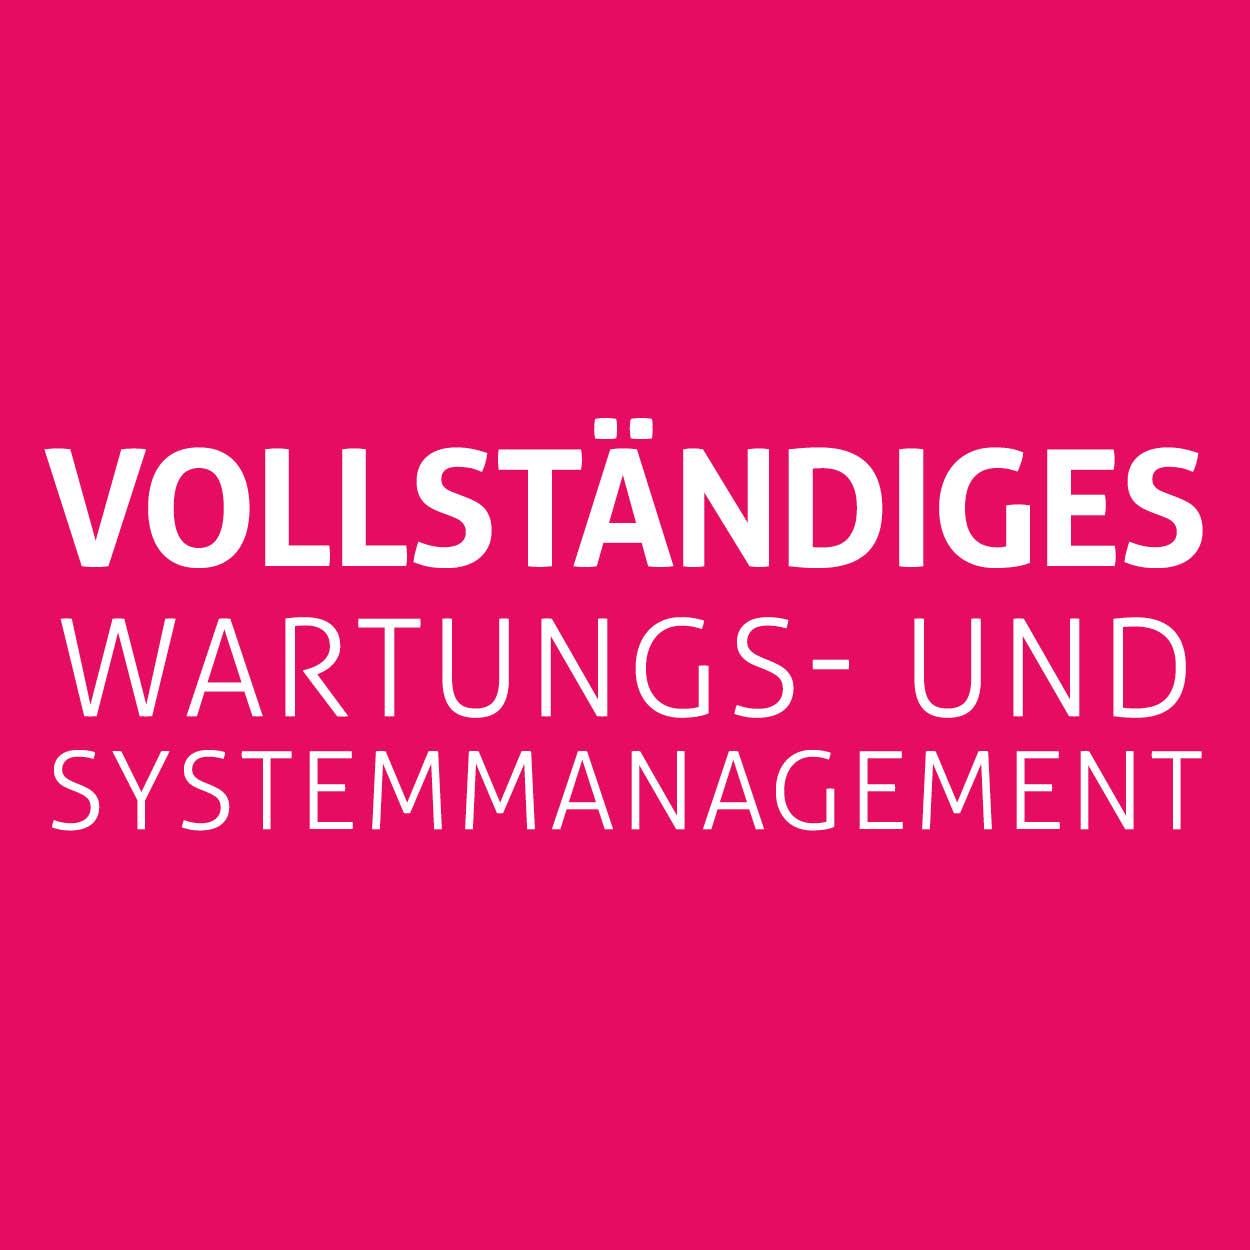 Vollständiges wartungs- und systemmanagement